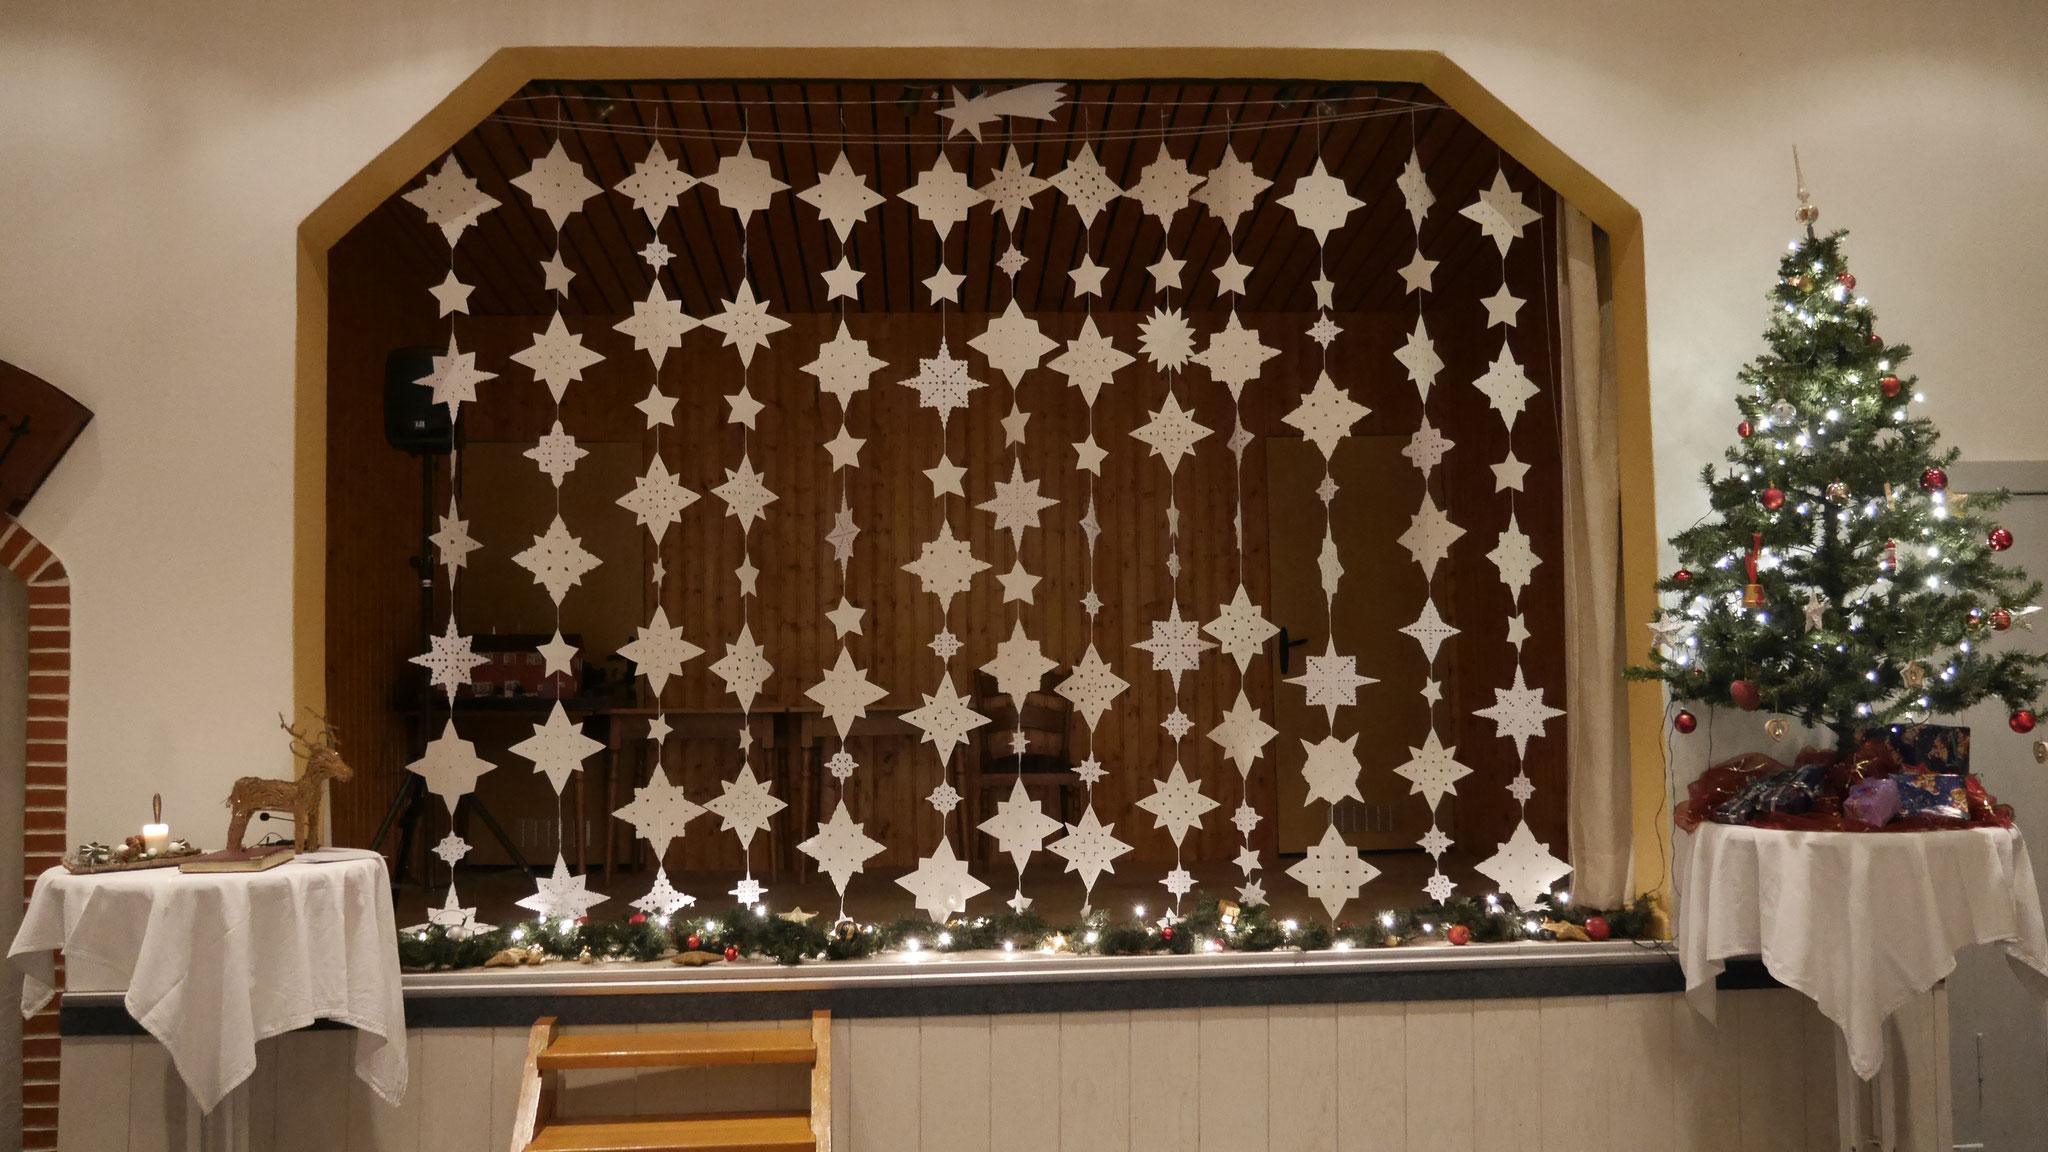 Ein echter Hingucker: Die Bühne im weihnachtlichen Schmuck!